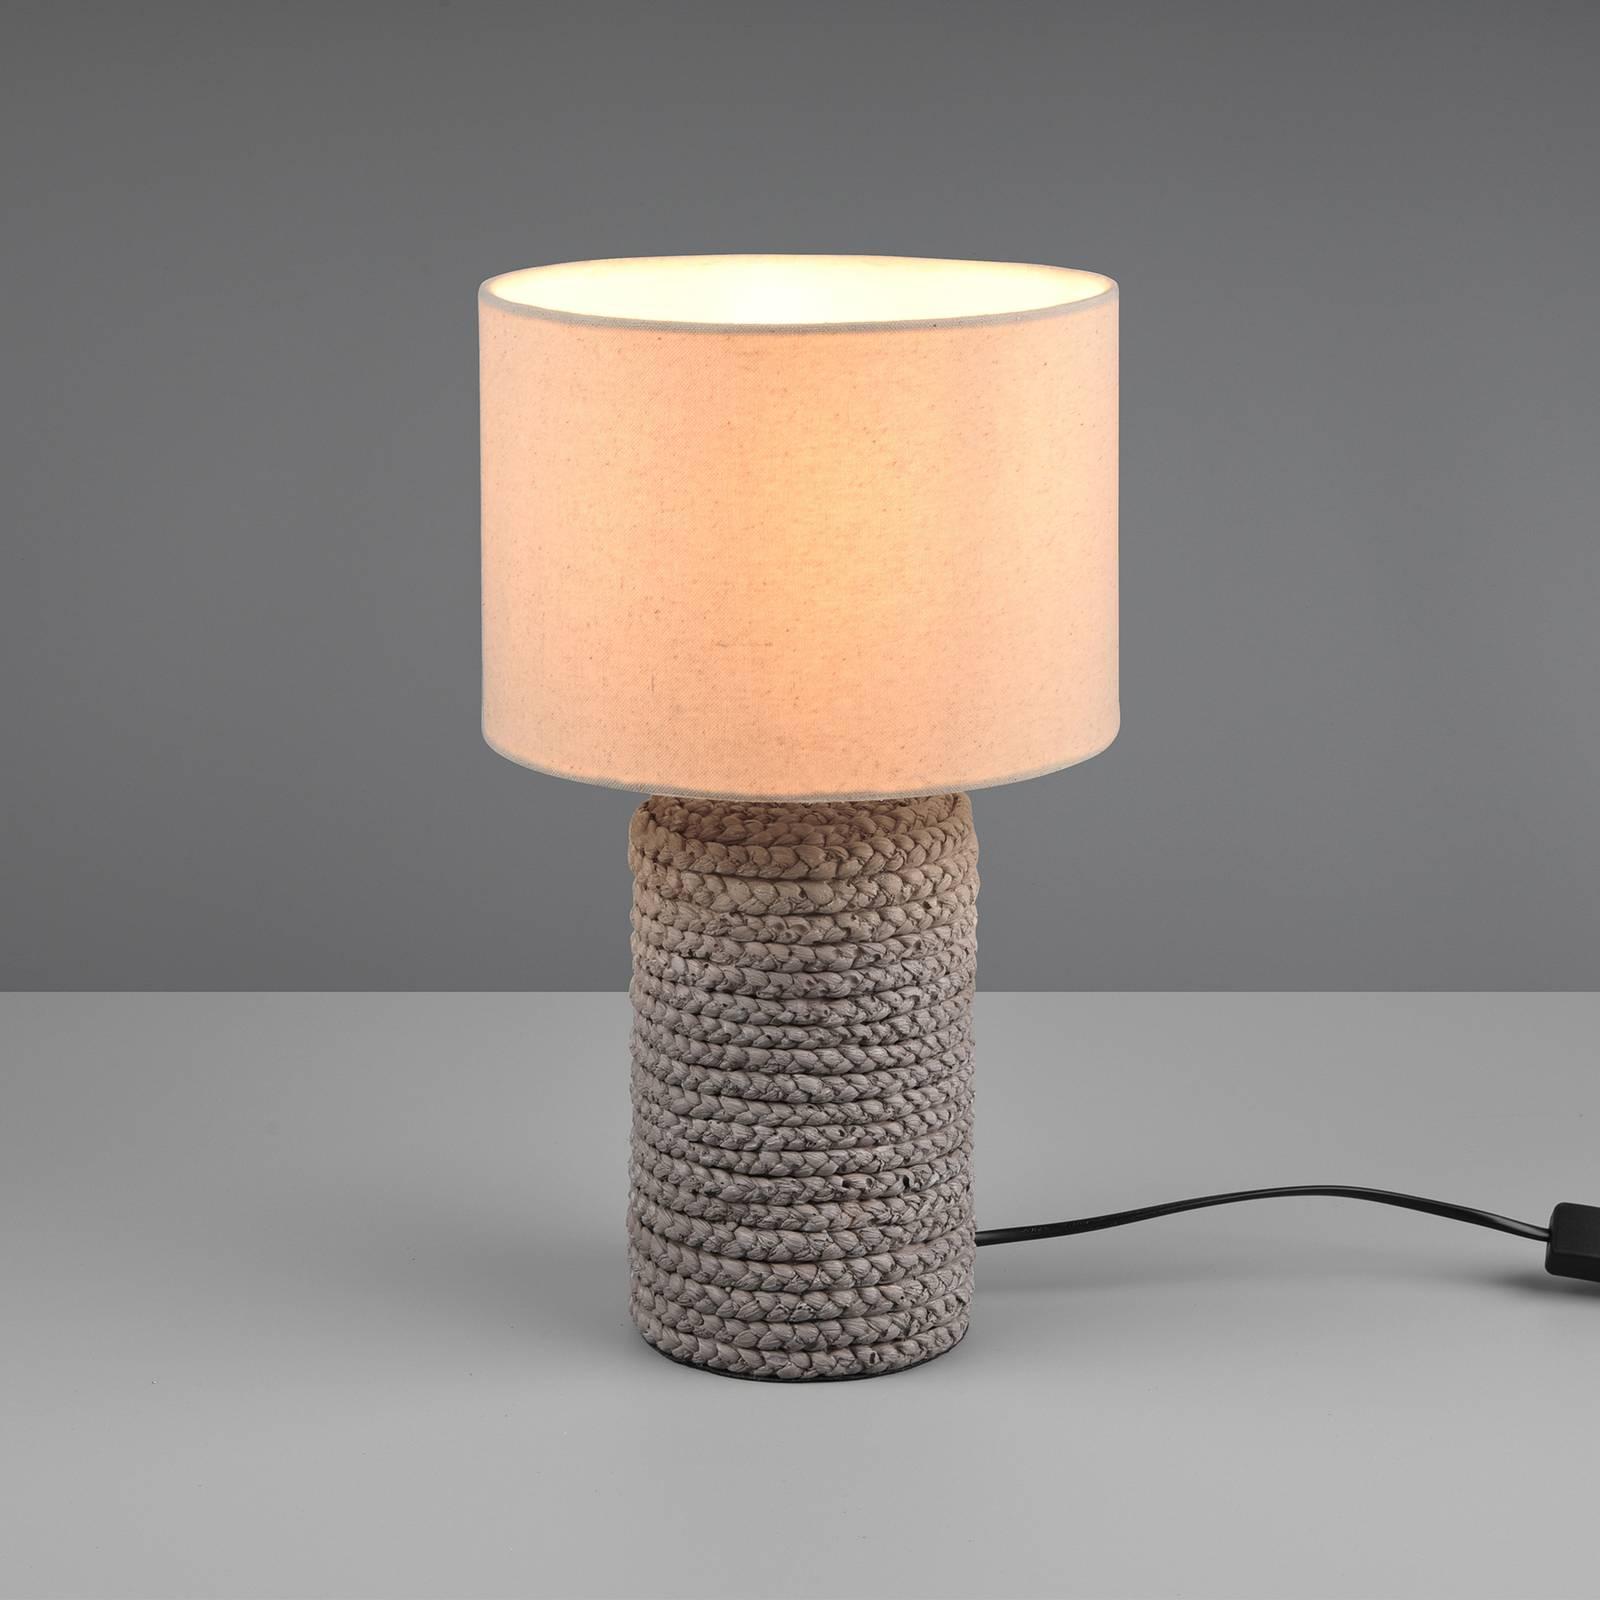 Tischleuchte Mala aus Keramik, Ø 22 cm